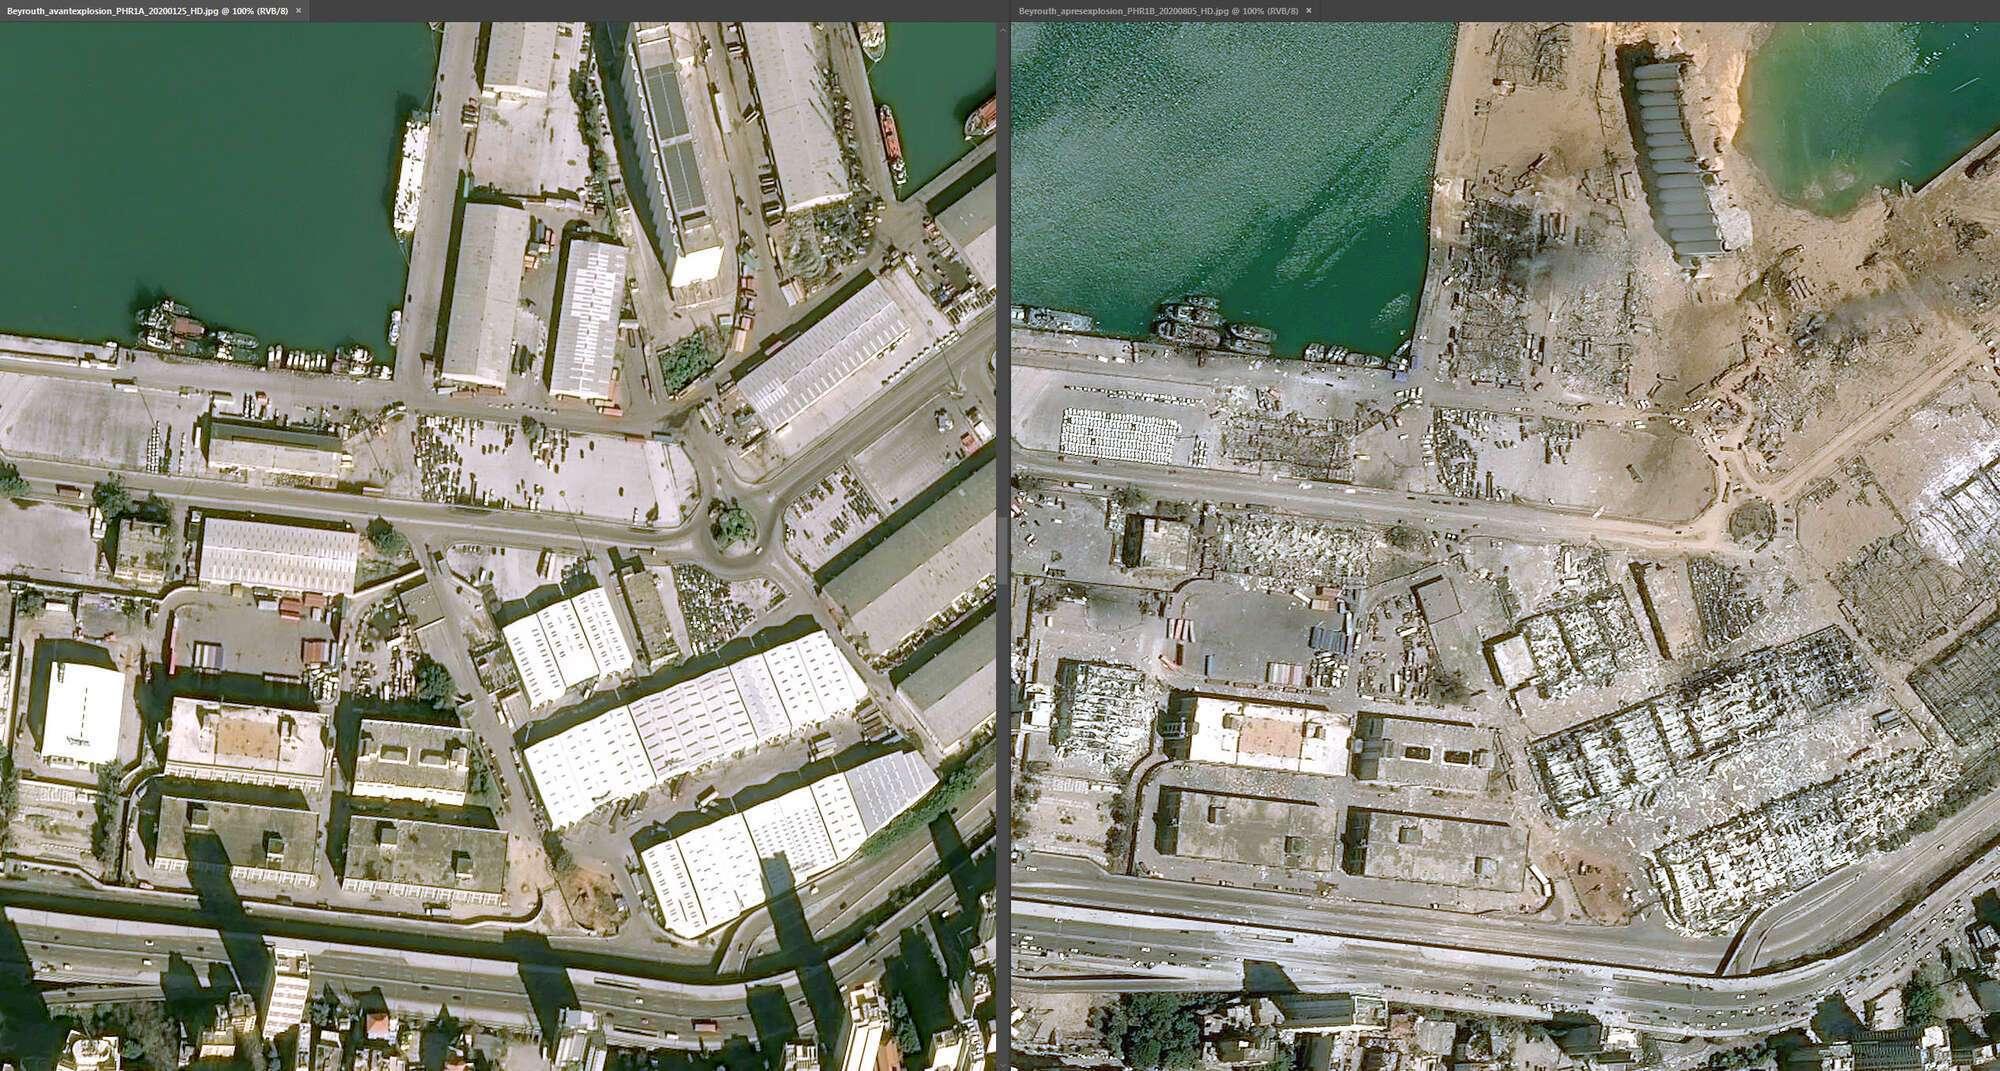 Почти все ангары в порту Бейрута разрушены, а на месте взрыва – огромная яма с водой